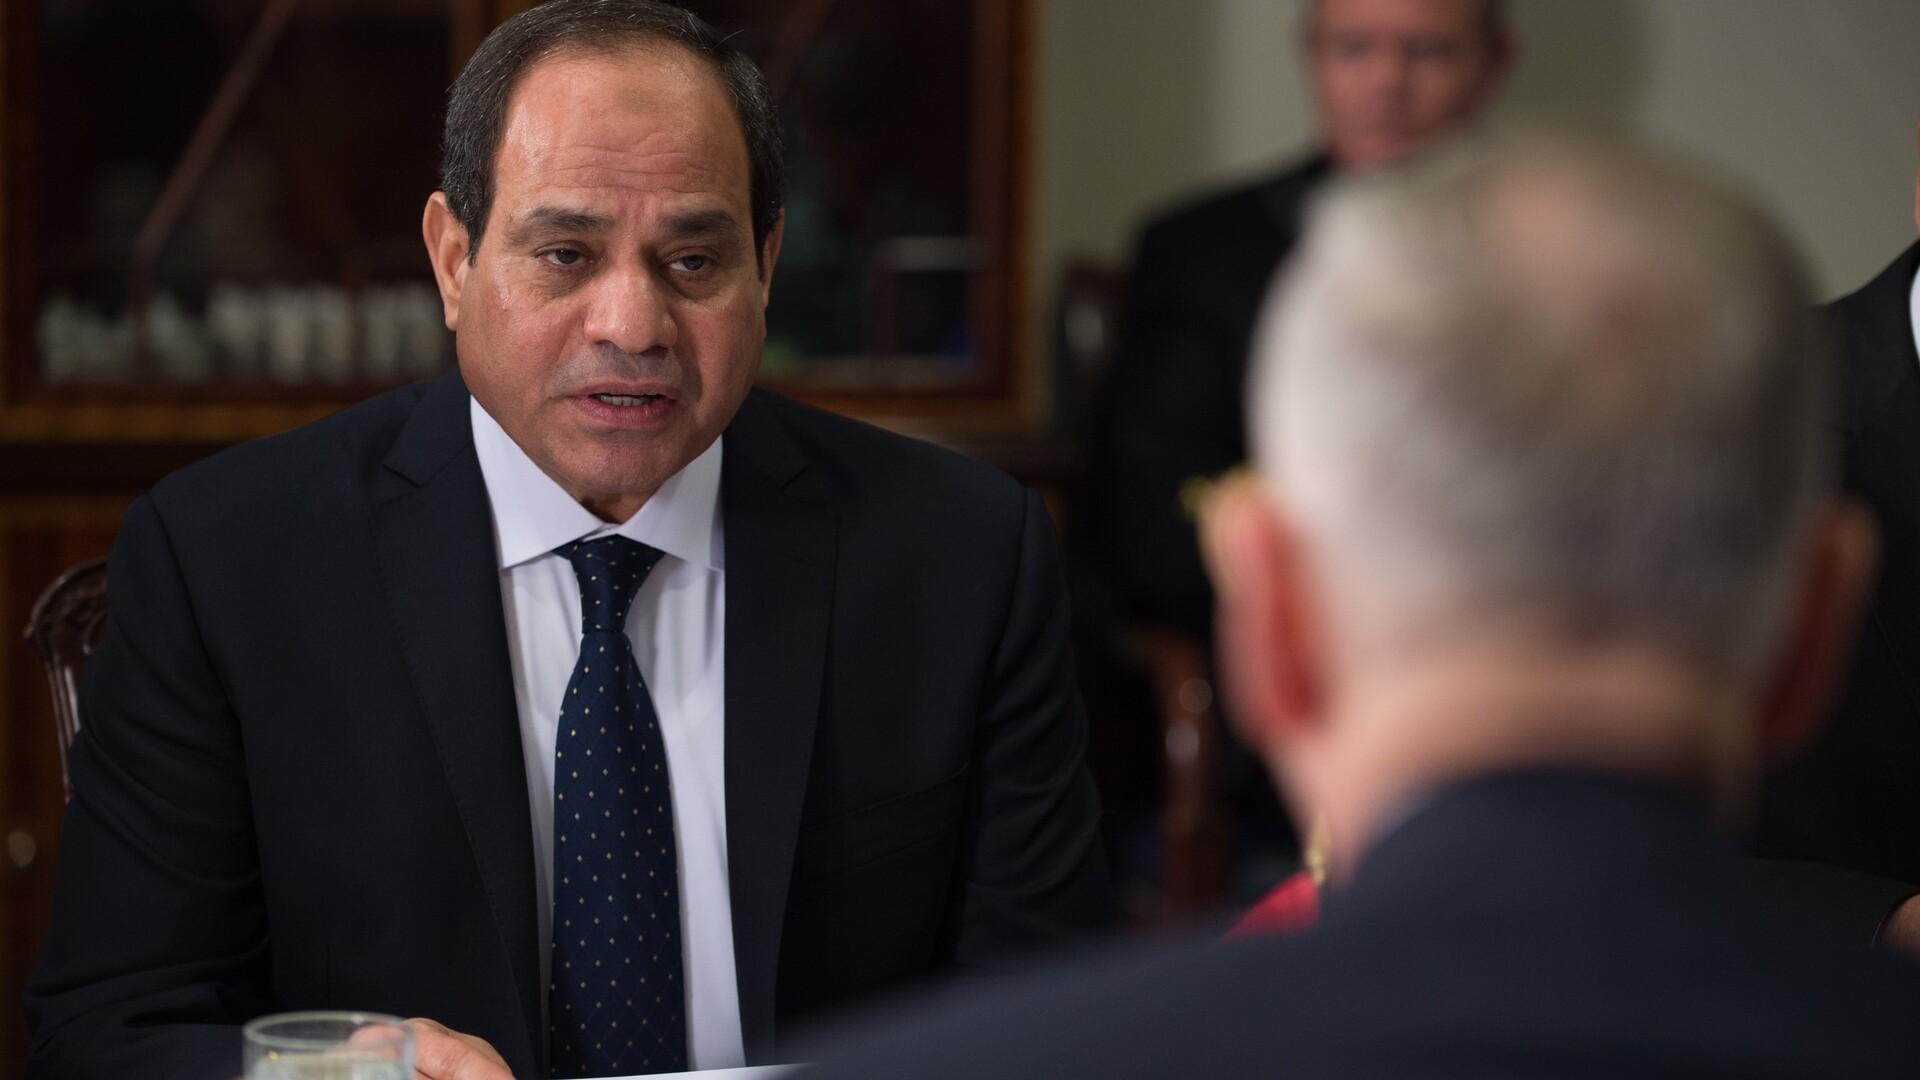 Hans Henrik Fafner: Ukontrolleret befolkningstilvækst truer Egyptens skrøbelige stabilitet. Præsident Sisi er stærkt udfordret